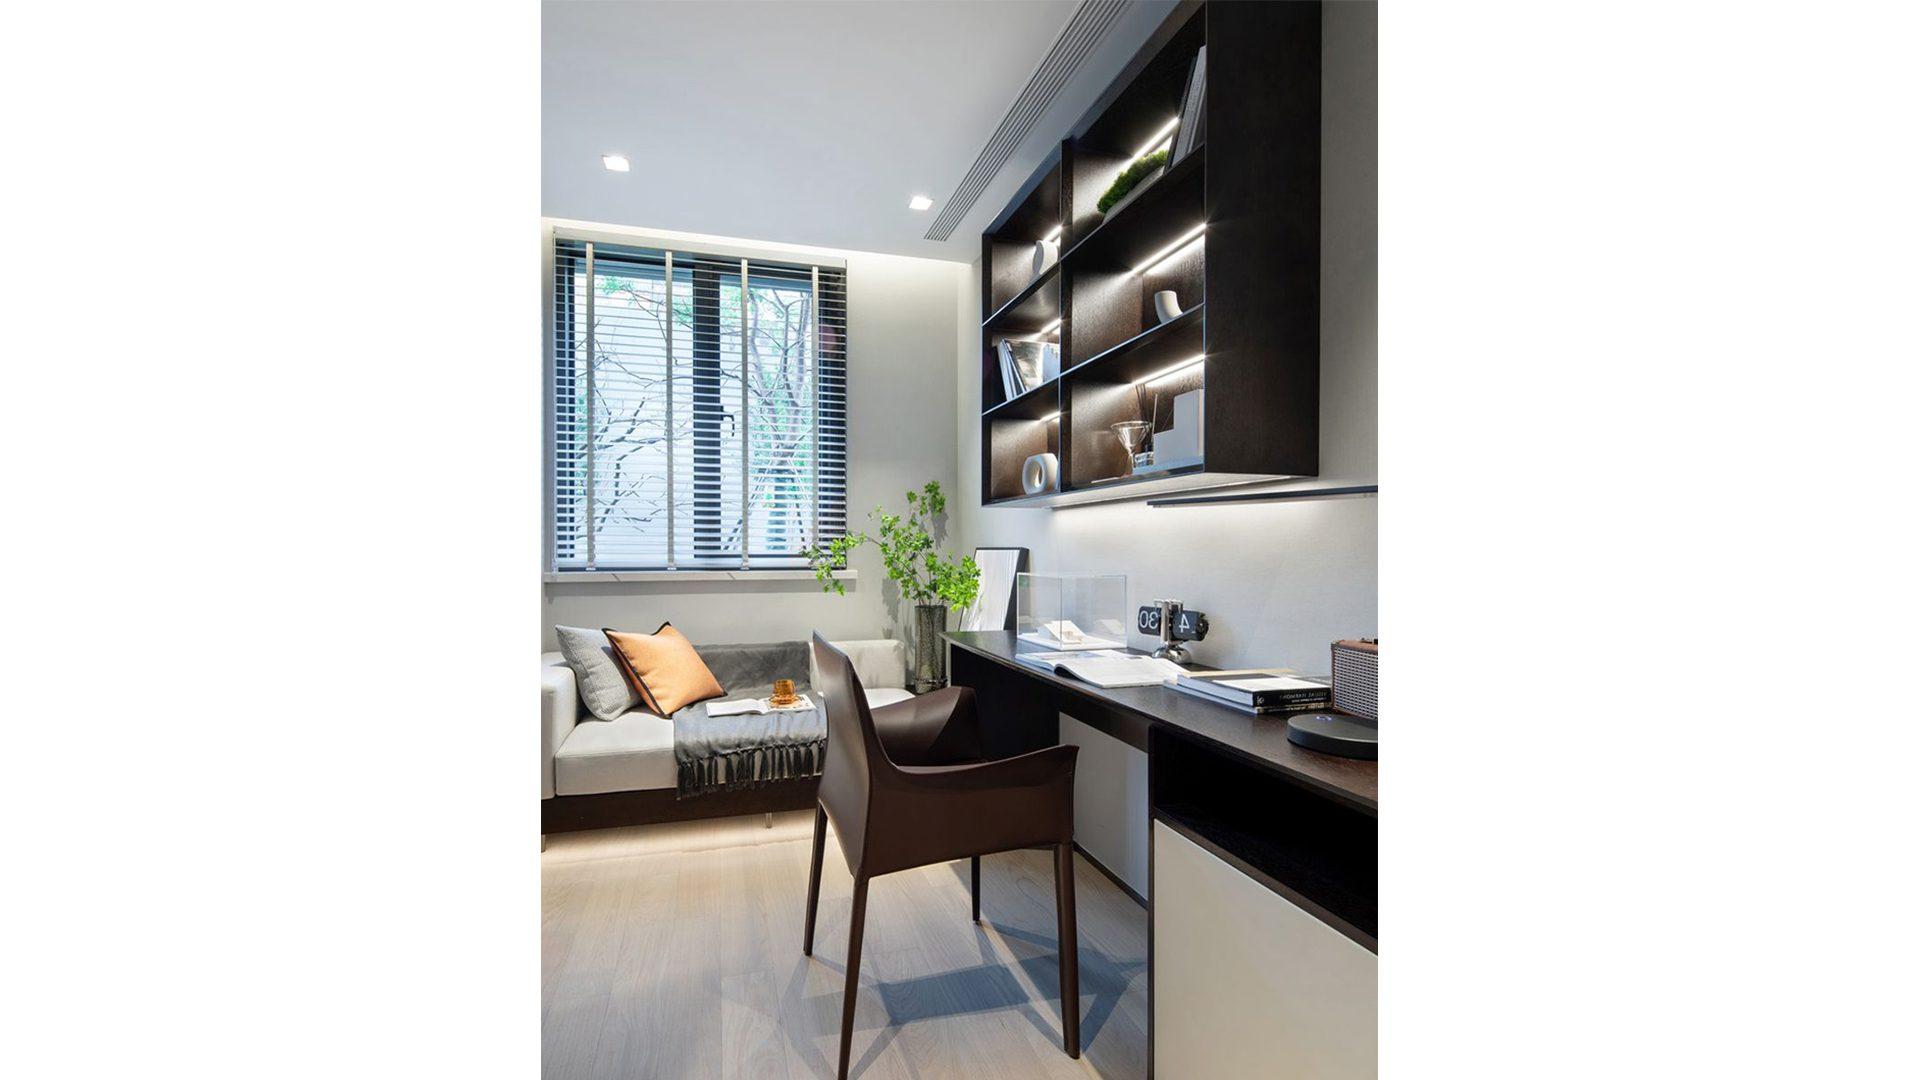 49 Dorset Road_sample interior design(1920x1080)_Home Quarters SG_KC Ng Keng Chong-2